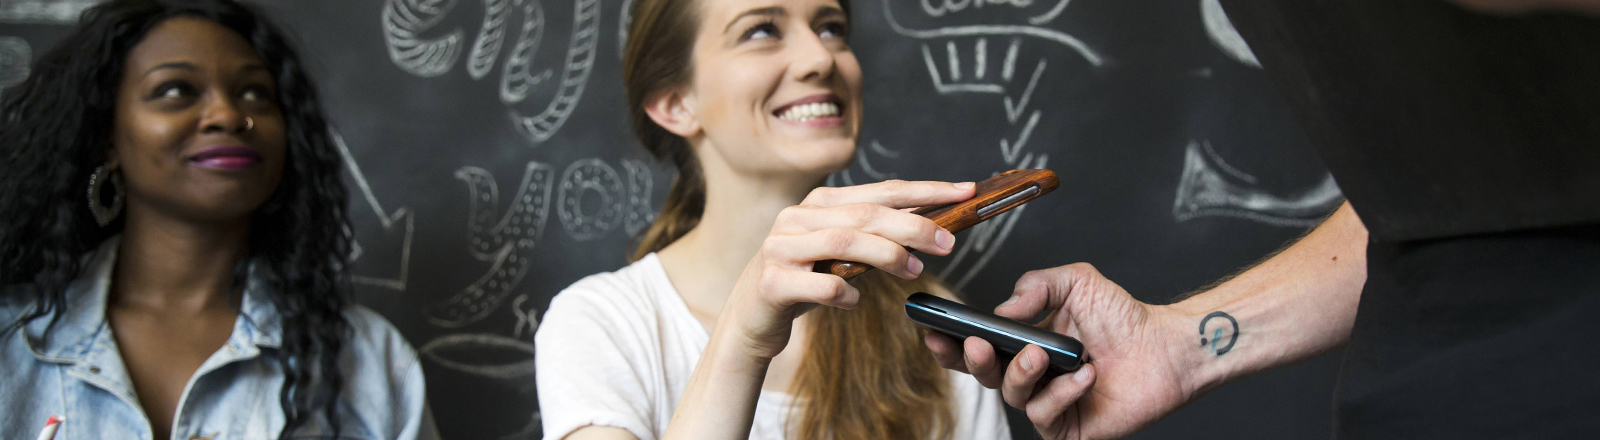 Eine Frau bezahlt mit ihrem Smartphone.